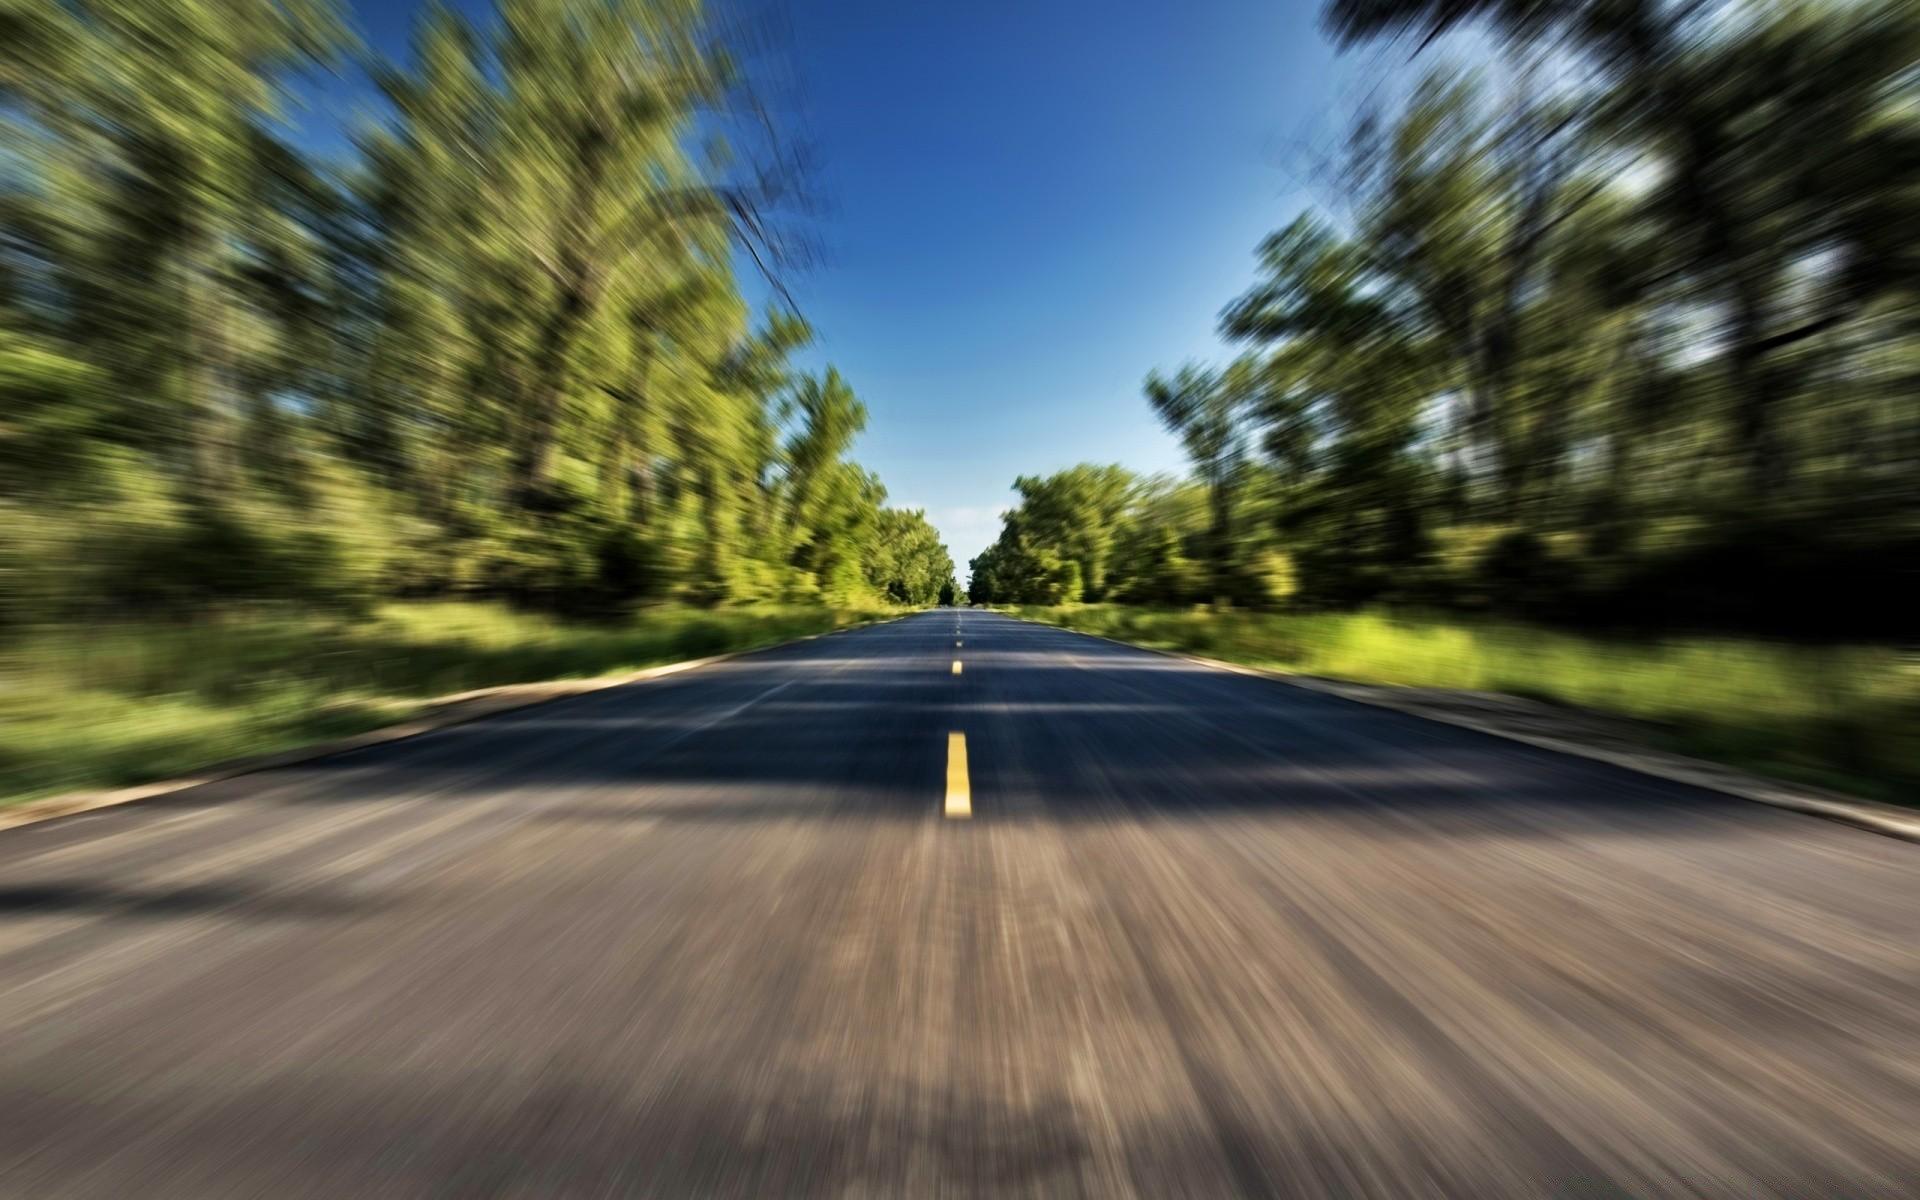 обои скорость дорога являемся